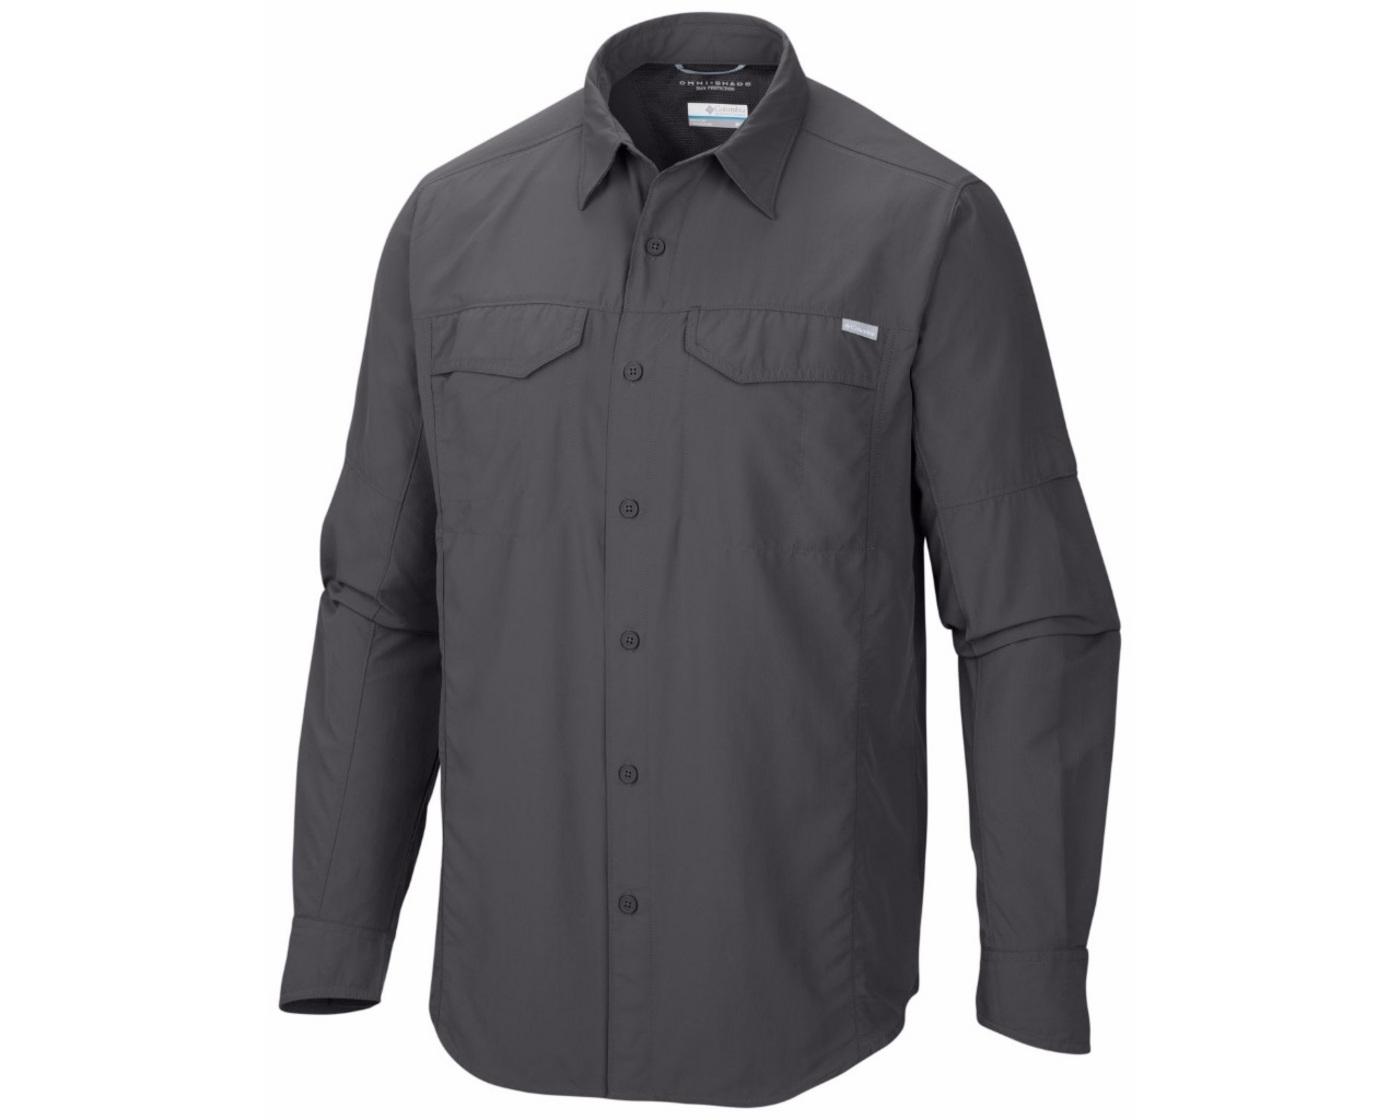 9dcc5a26e Columbia Men's Silver Ridge Long Sleeve Shirt | Fontana Sports